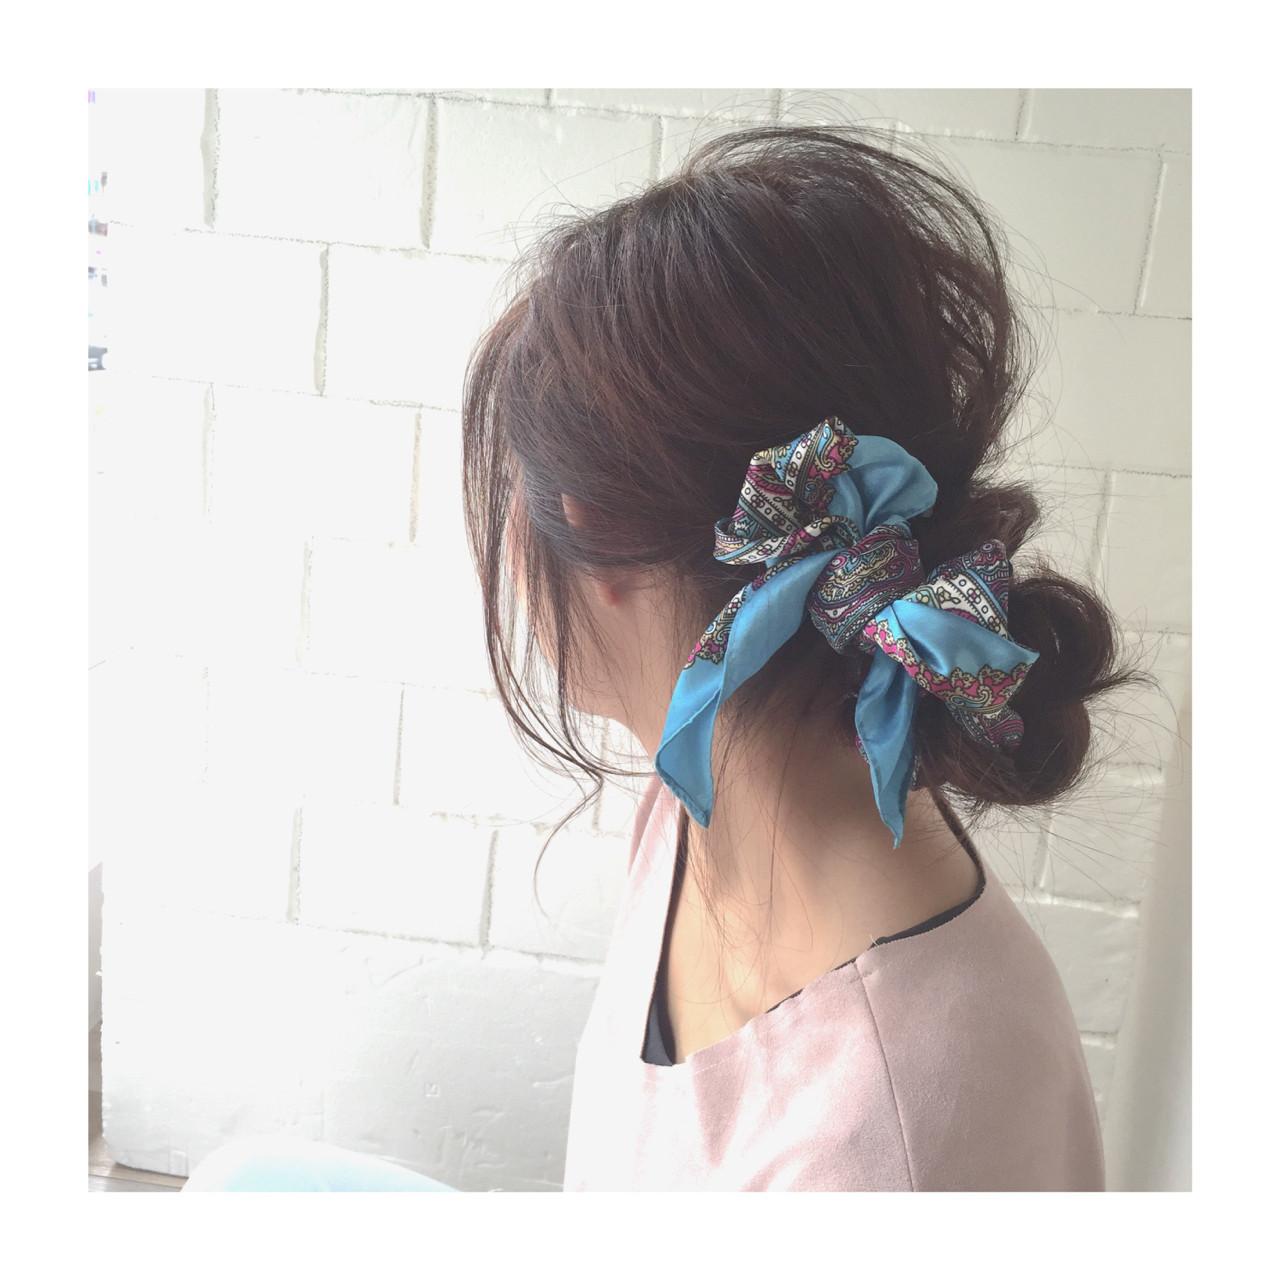 ヘアアレンジ ロング シニヨン ヘアアクセ ヘアスタイルや髪型の写真・画像